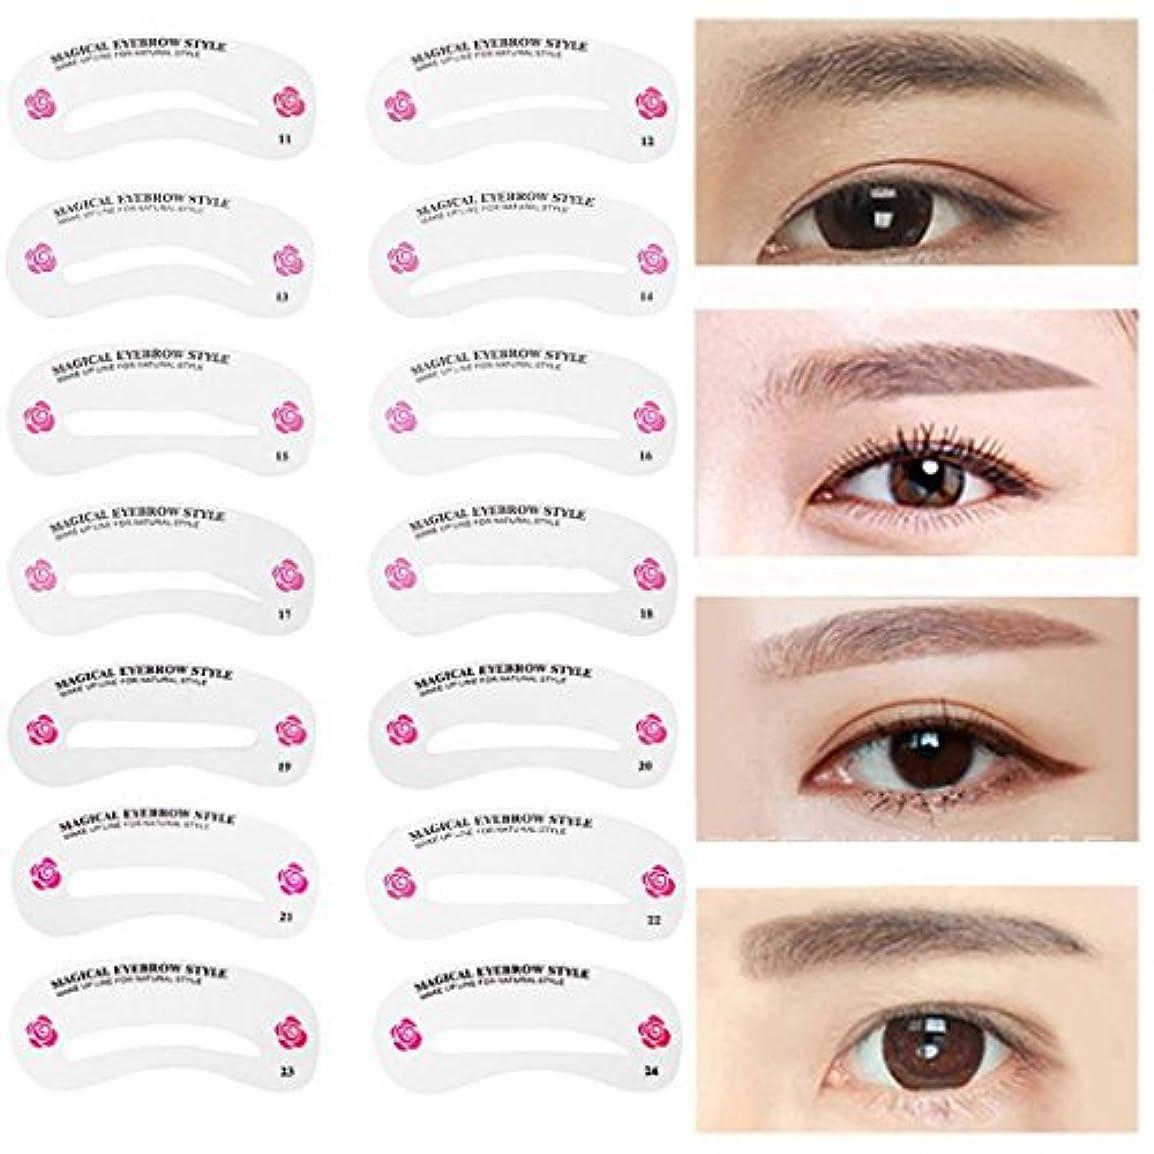 ソフトウェアサンプル灌漑MNoel 24種類 眉毛テンプレート24枚セット 太眉対応 24パターン 眉毛を気分で使い分け 眉用ステンシル